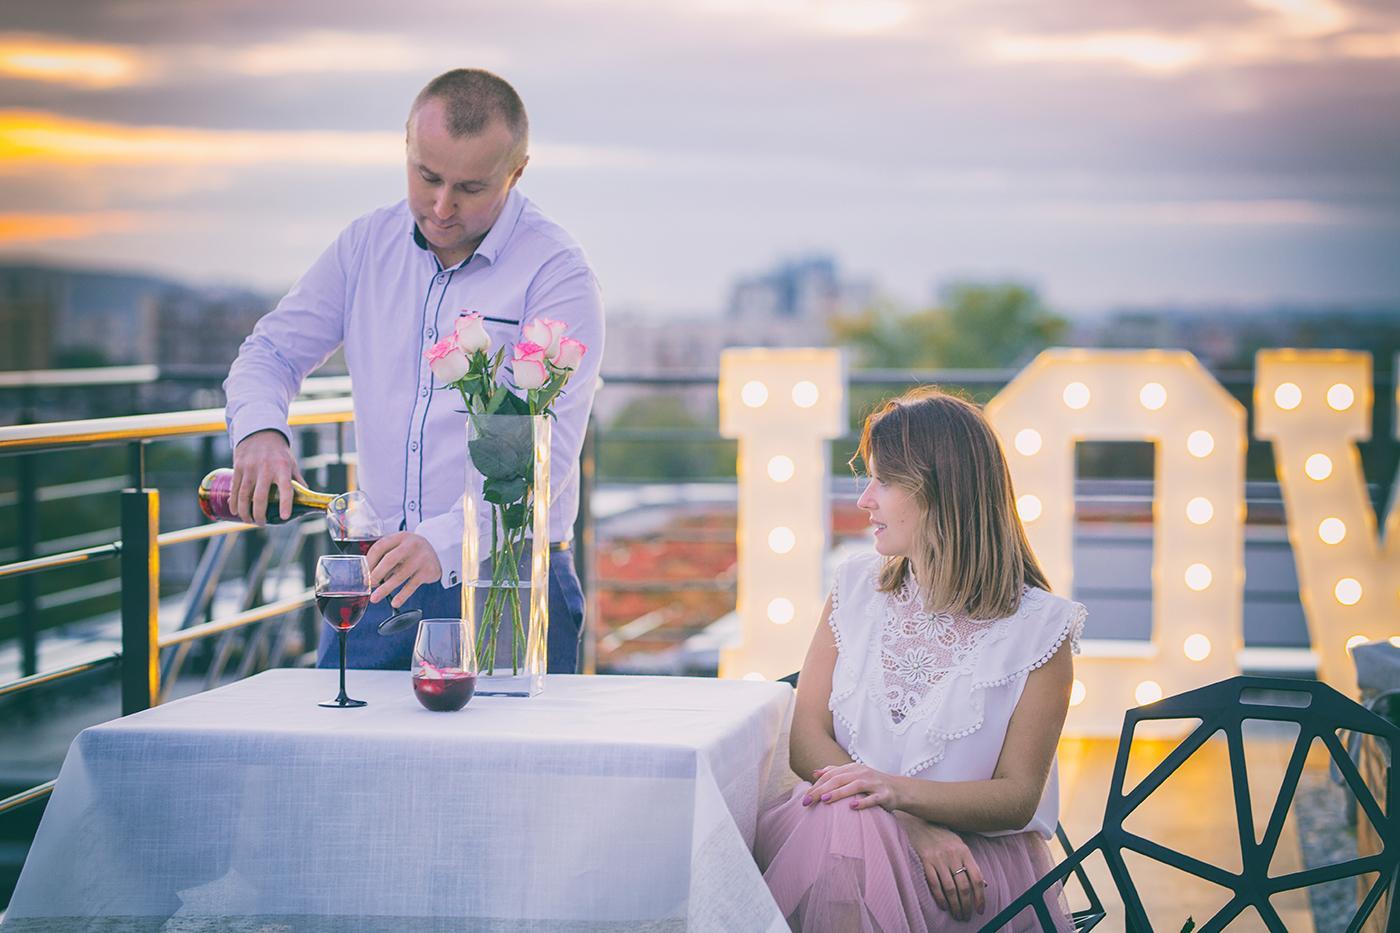 Kolejna sesja na dachu. Tym razem z zachodem słońca i popularnym w tym roku napisem love. Romantyczna kolacja na dachu przy zachodzie słońca – zapraszam do oglądania.